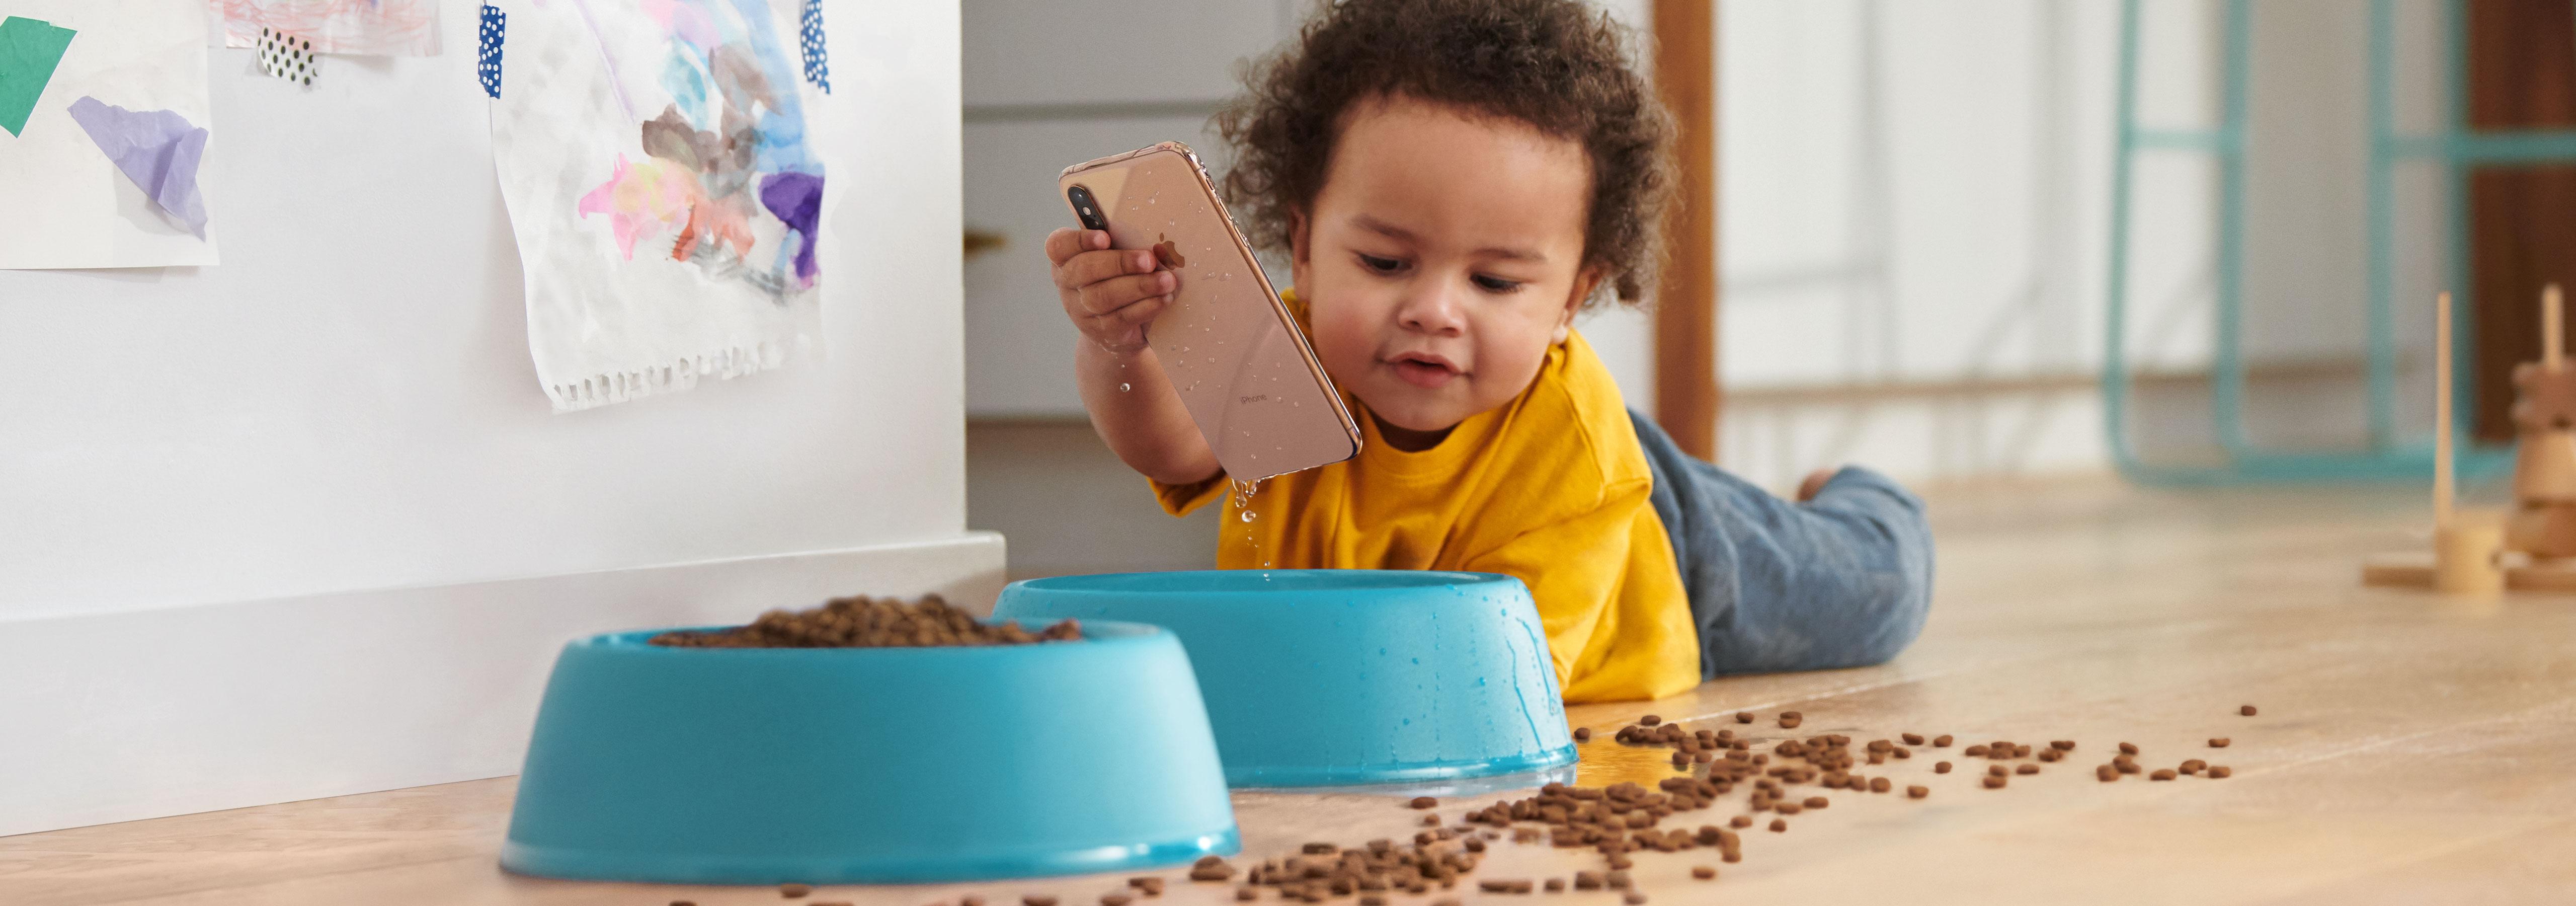 Criança brincando com iPhone